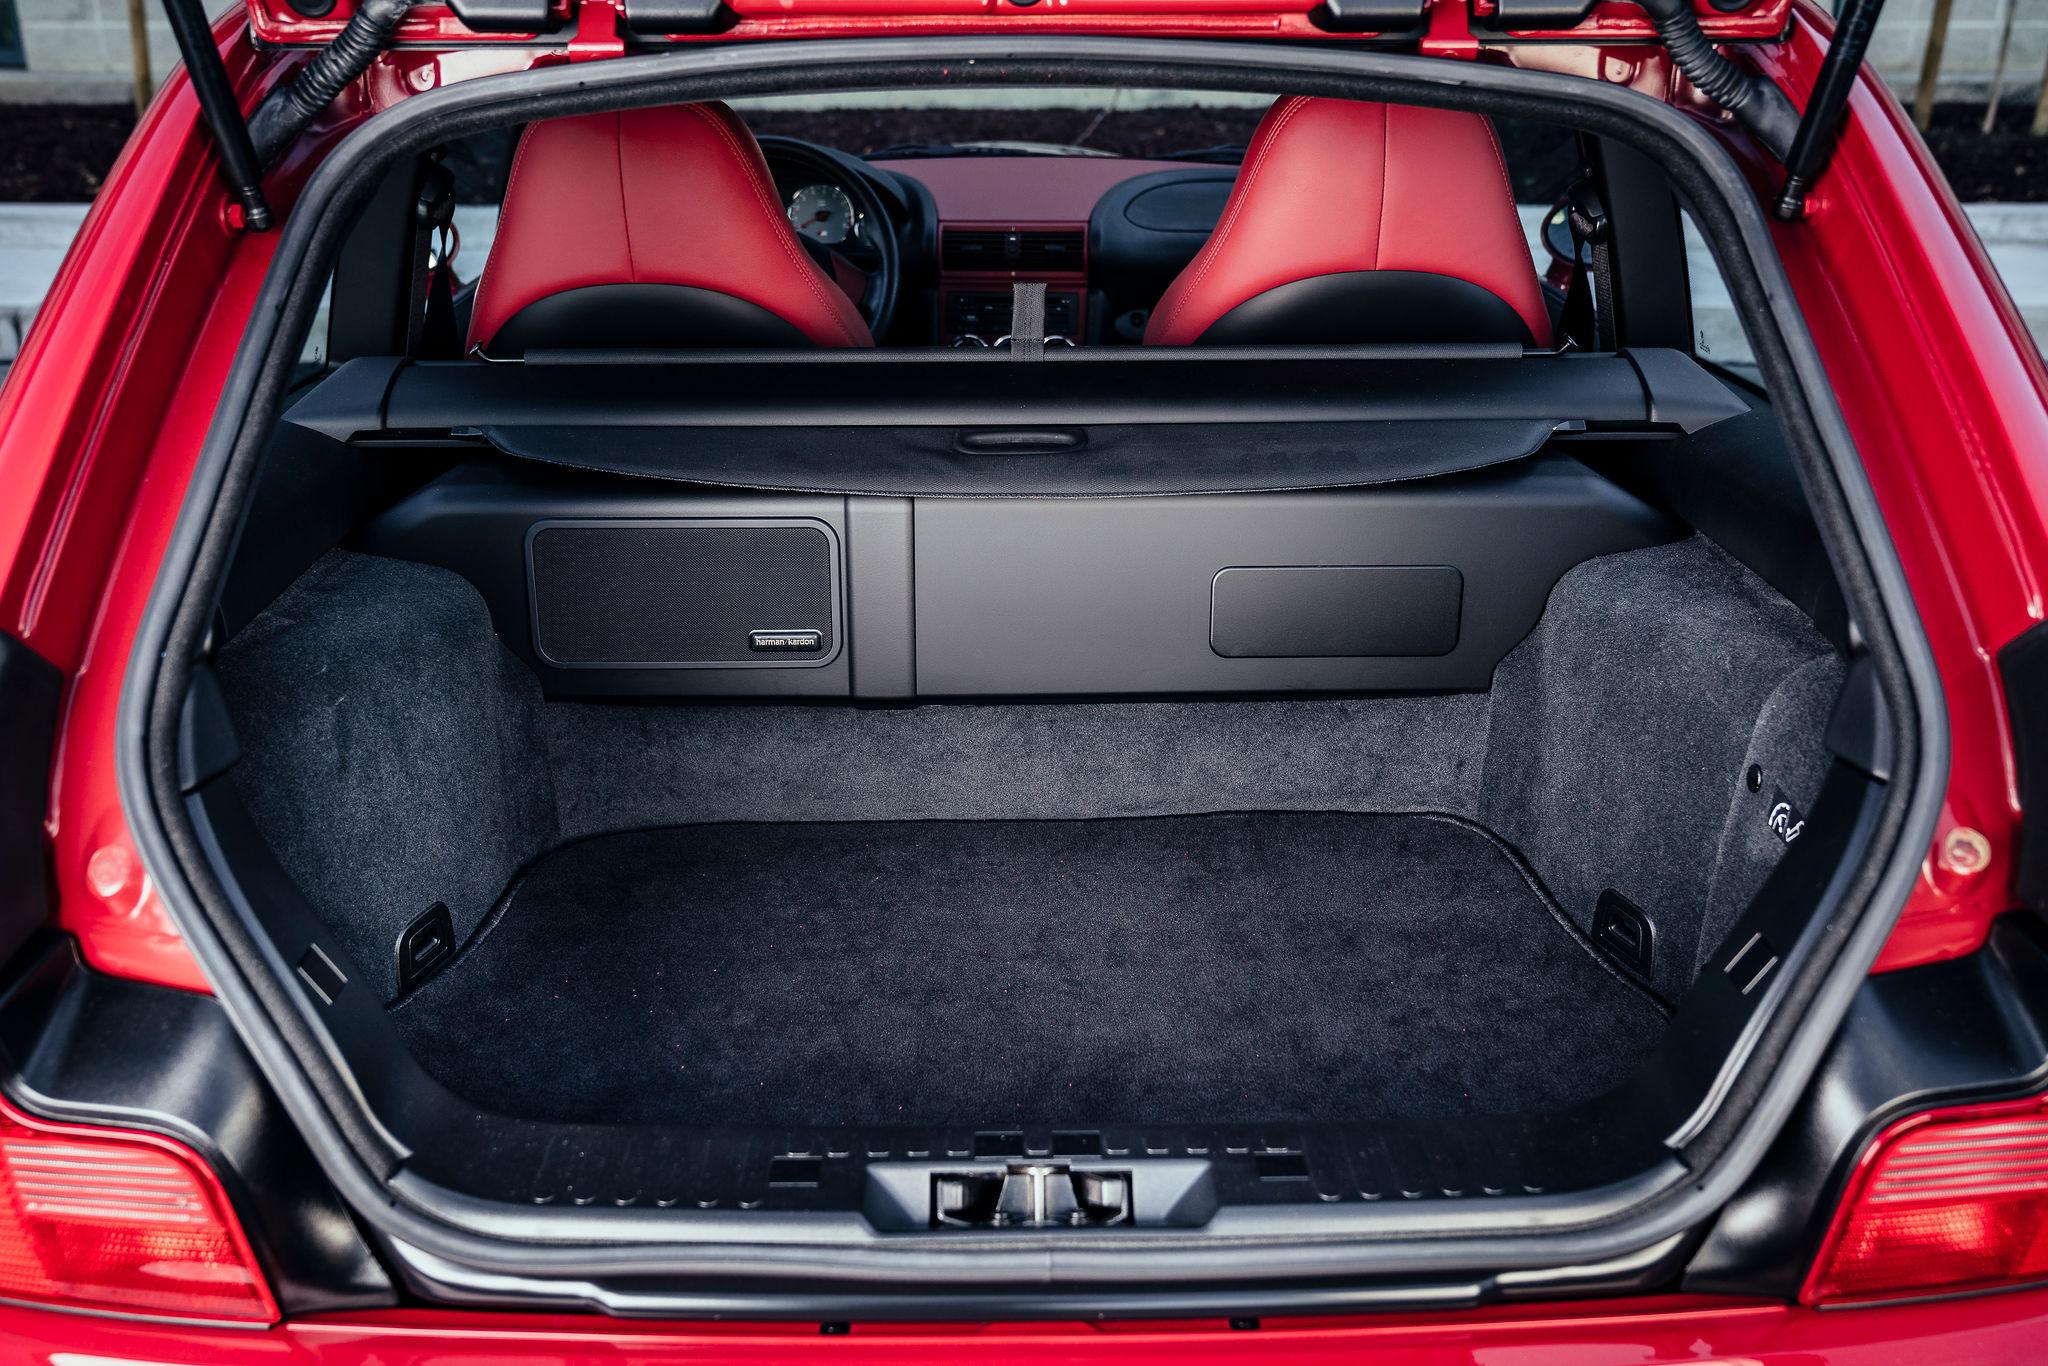 2002 BMW Z3 M Coupe rear hatch cargo